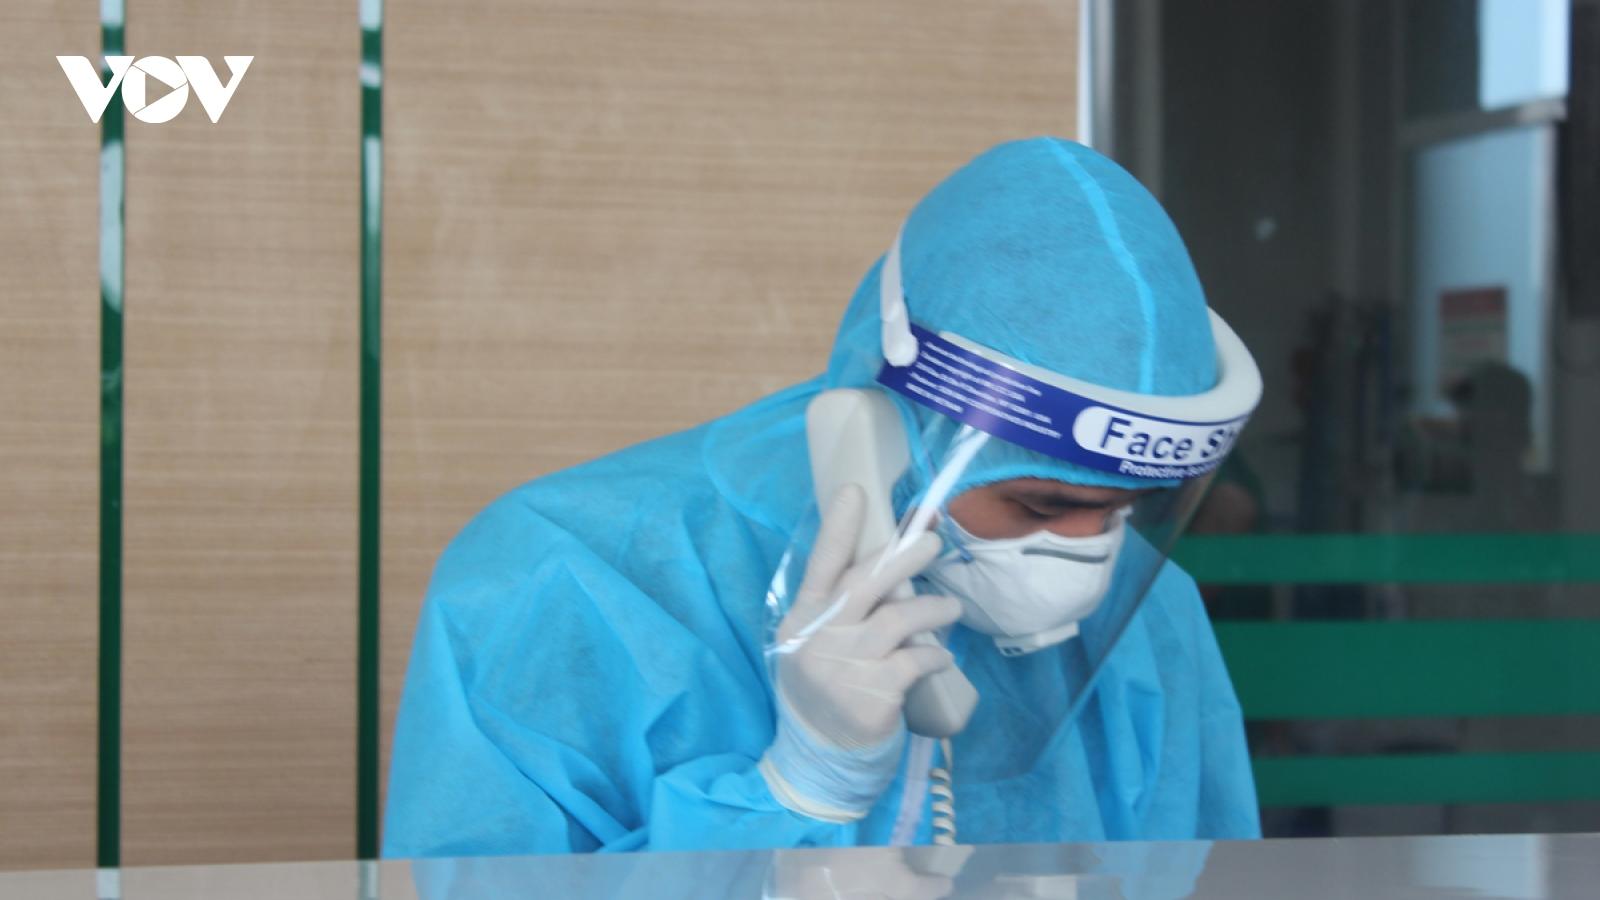 Việt Nam có thêm 10 ca mắc COVID-19 nhập cảnh, một người nhập cảnh trái phép